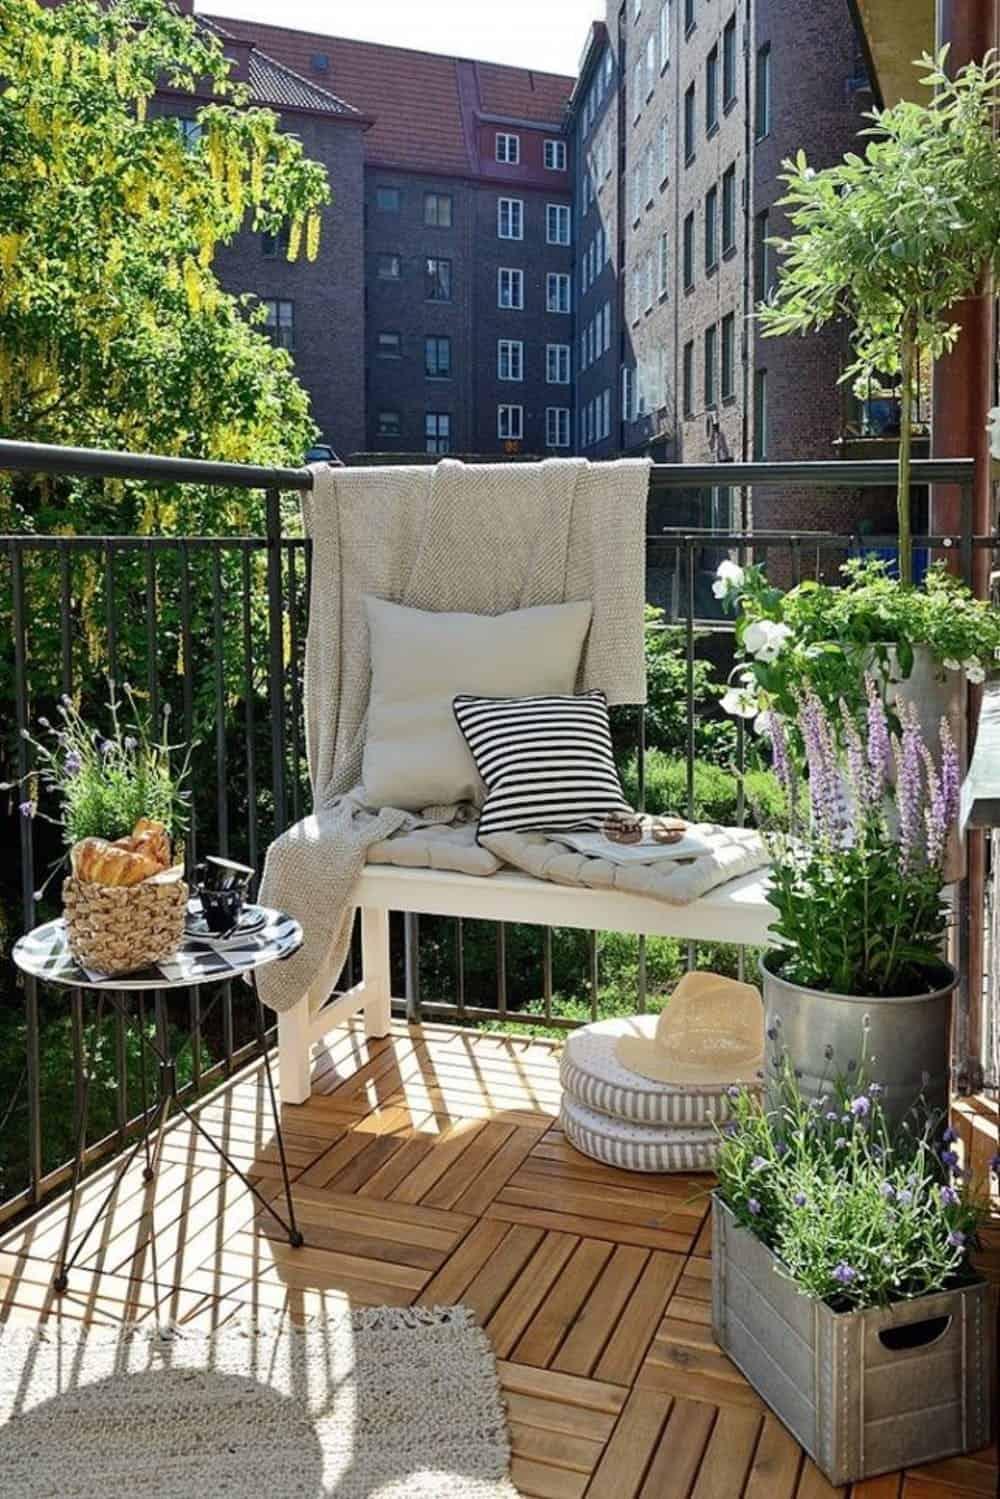 Balcone Lungo E Stretto terrazzo piccolo: 10 idee low cost e salva spazio - guida